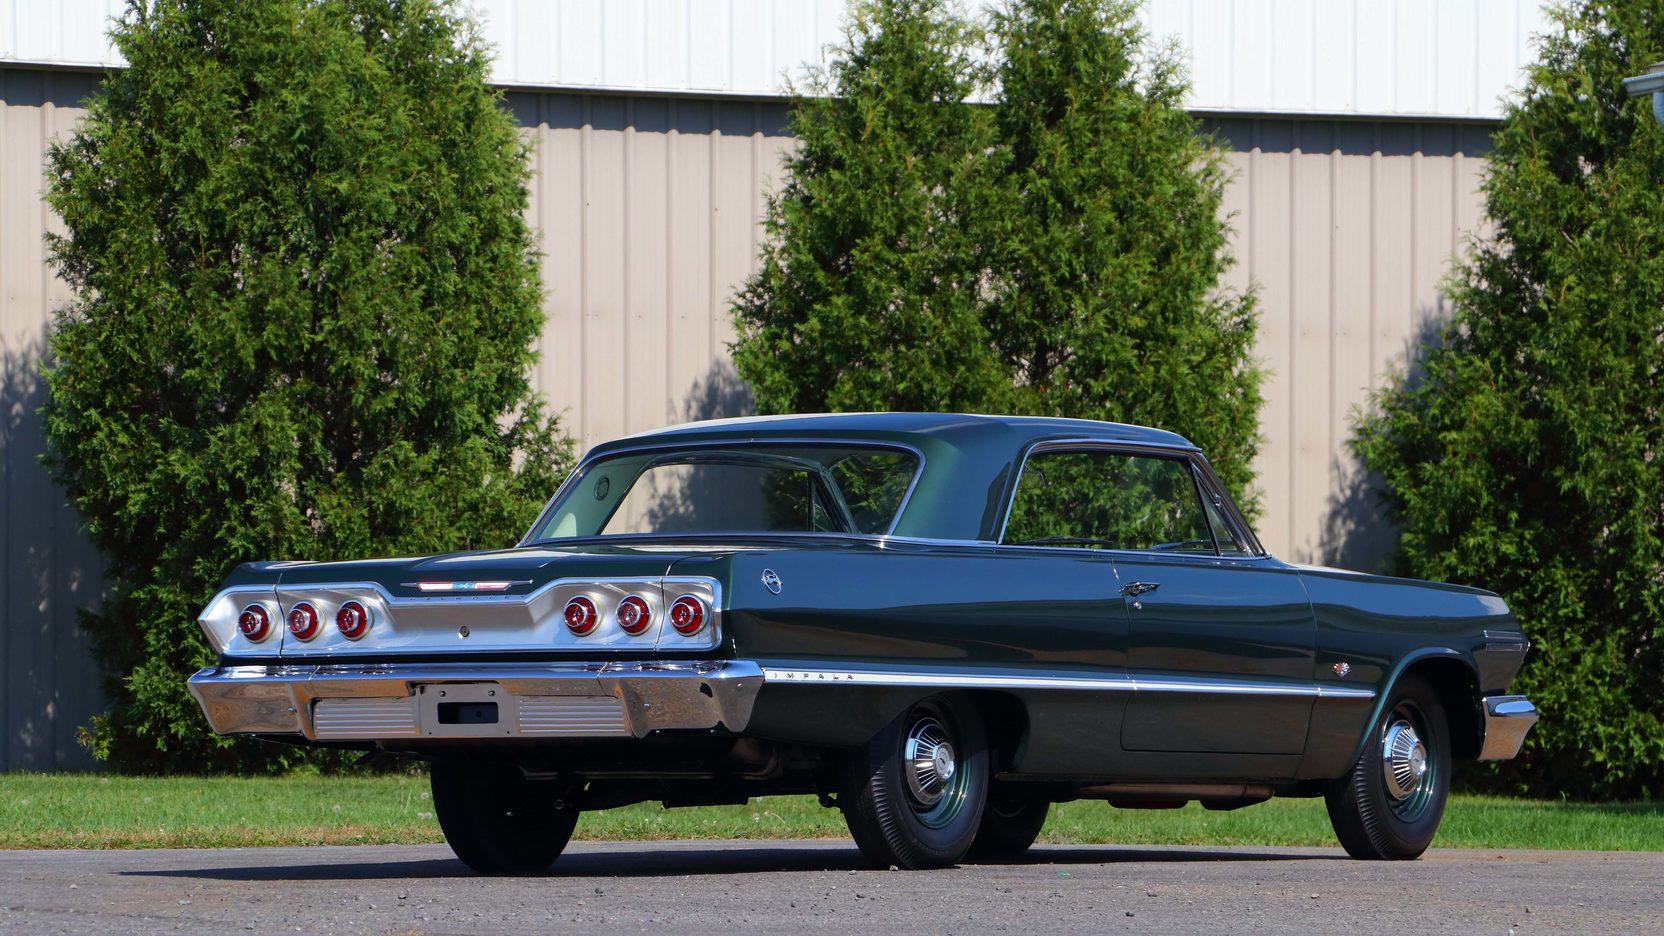 1963 Chevrolet Impala rear 3/4